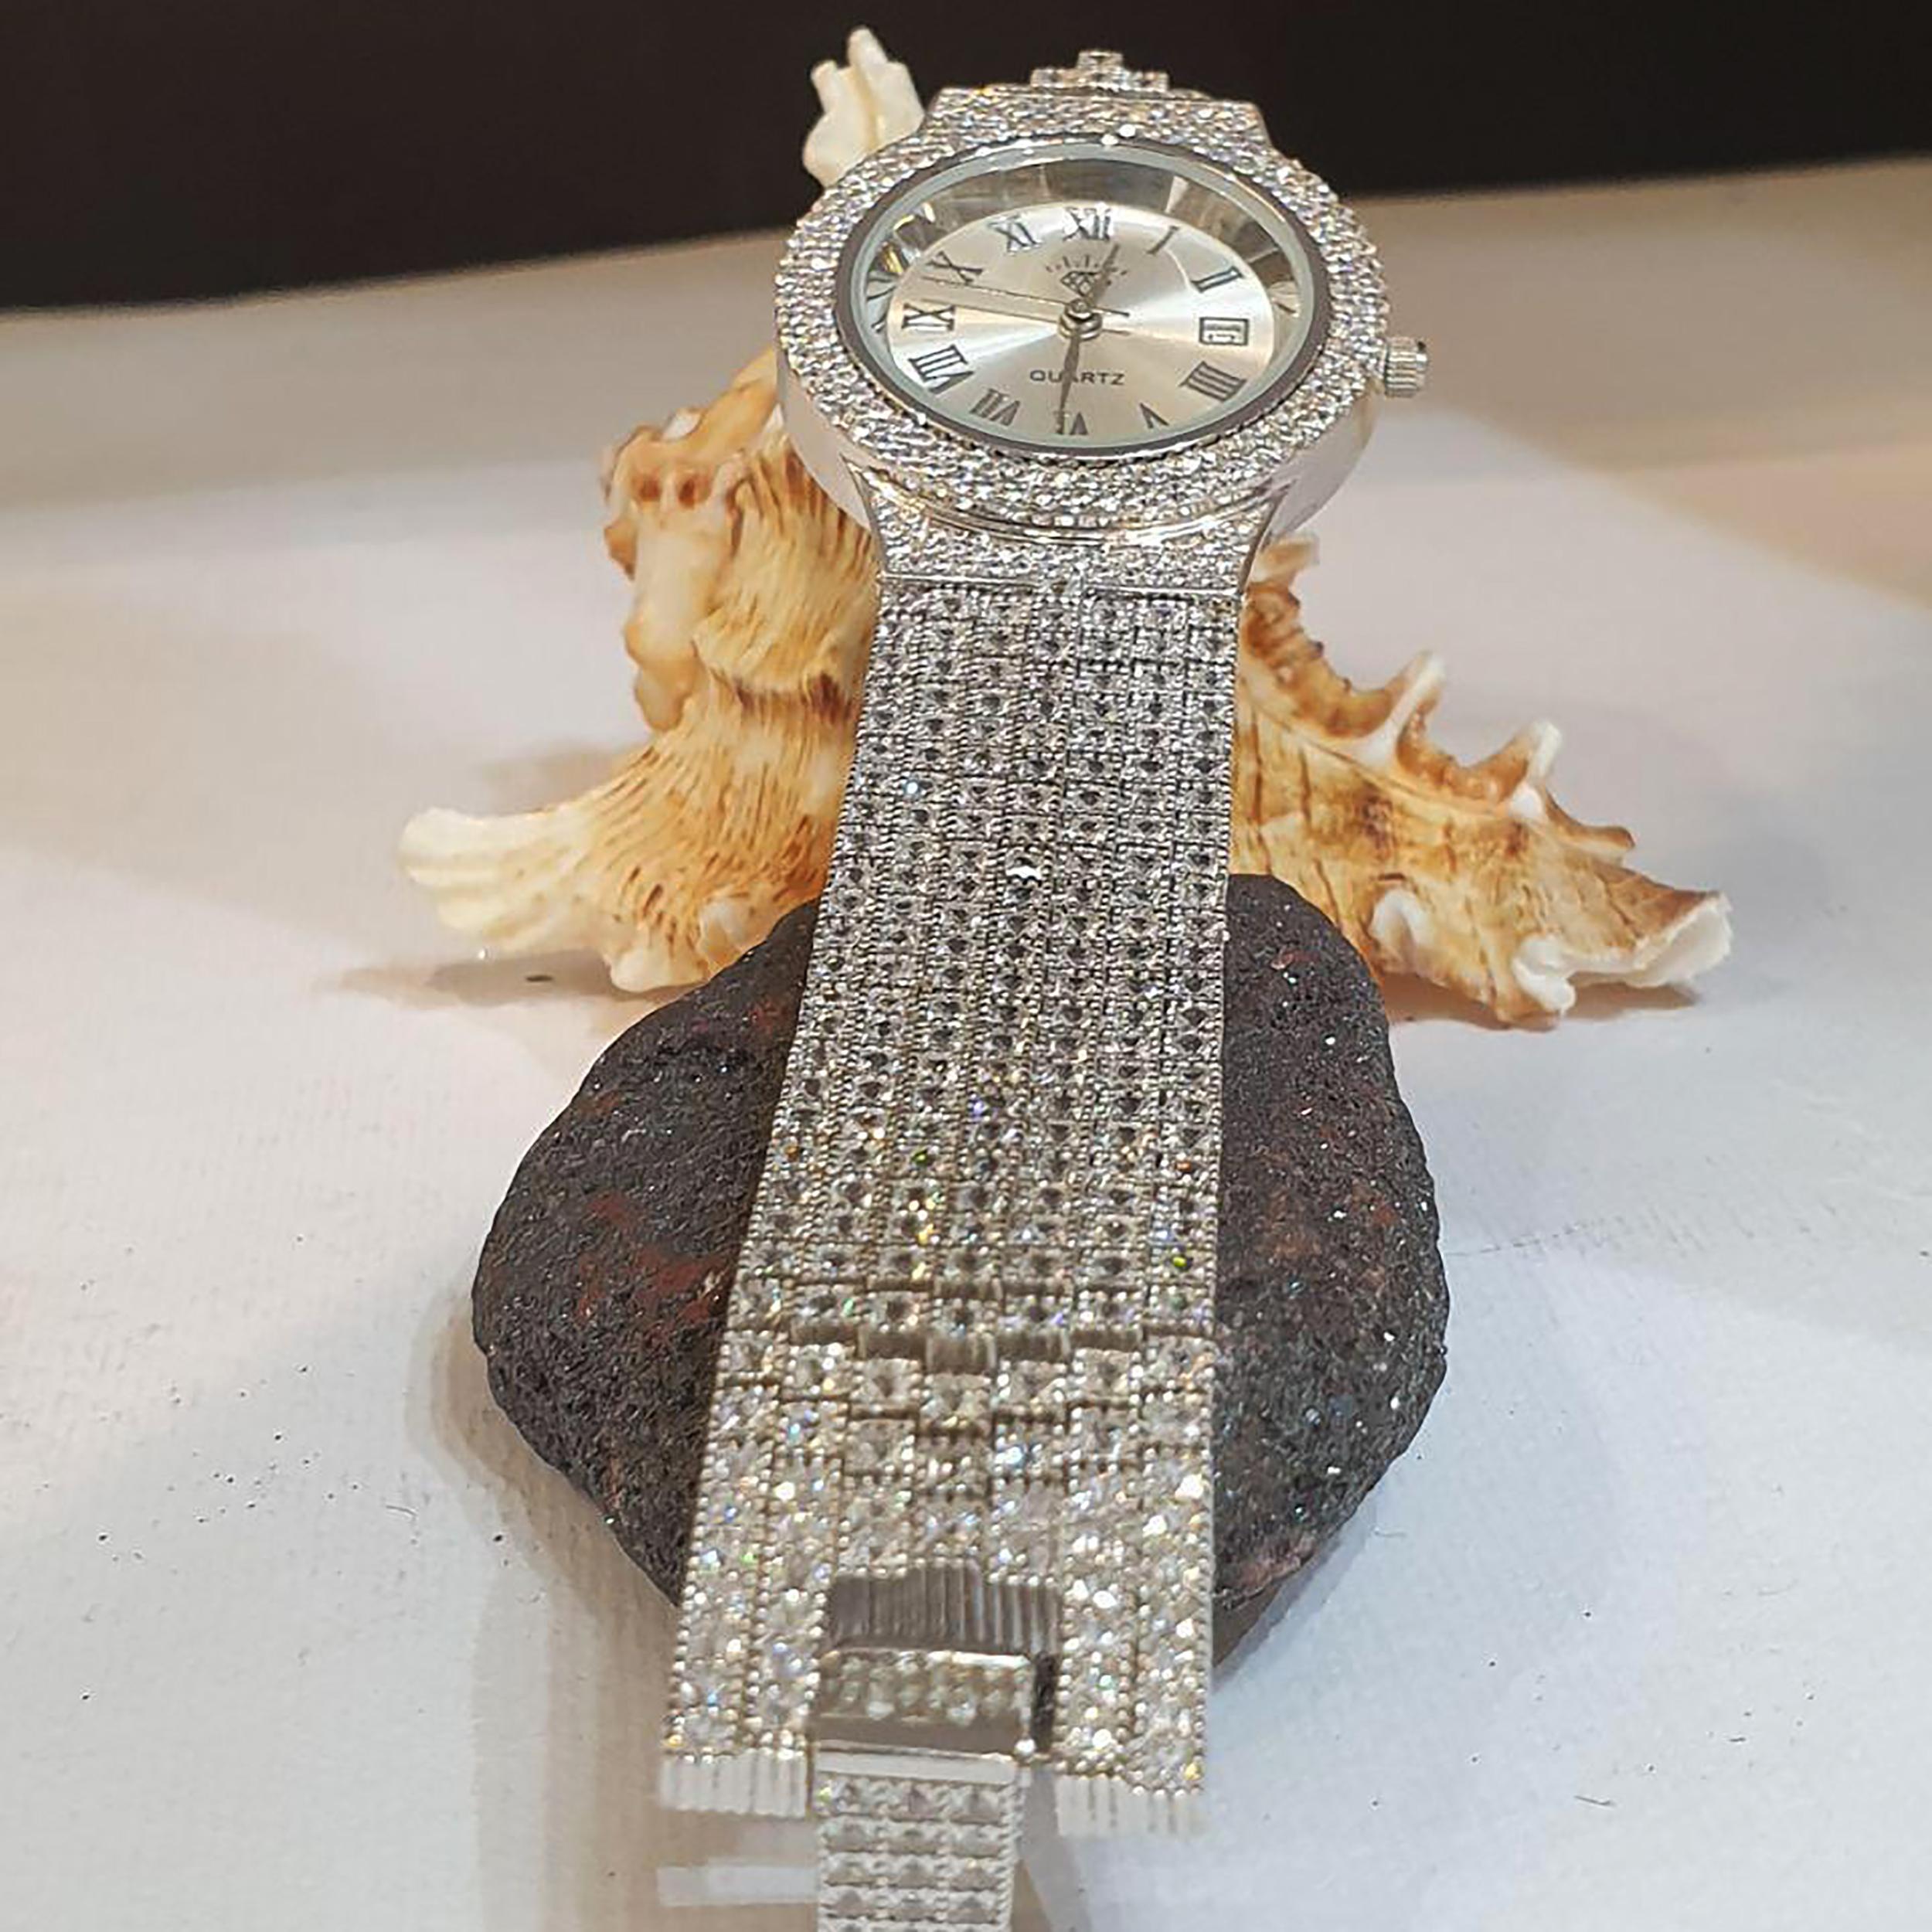 خرید و قیمت                      ساعت مچی  نقره زنانه کد 002